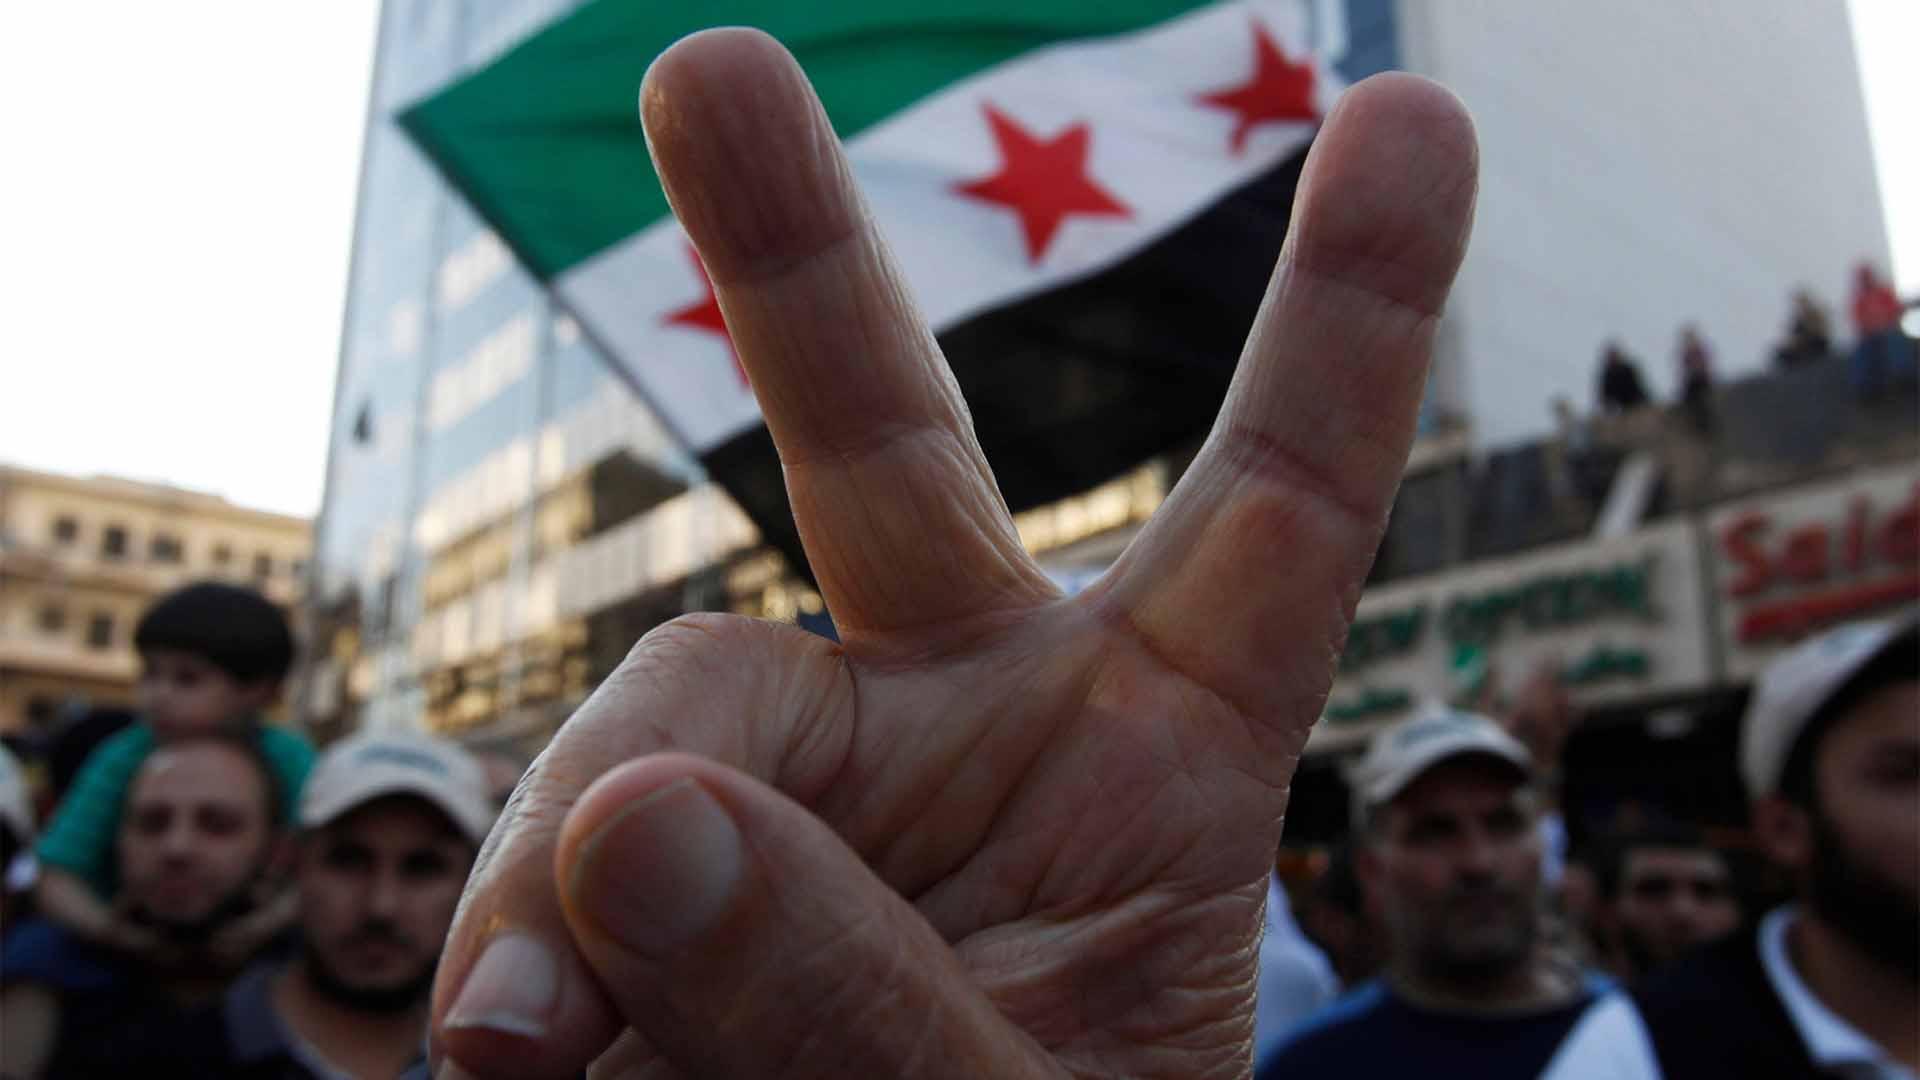 الدولة الديمقراطية العلمانية هي الخطوة الأساسية للحلّ في سورية